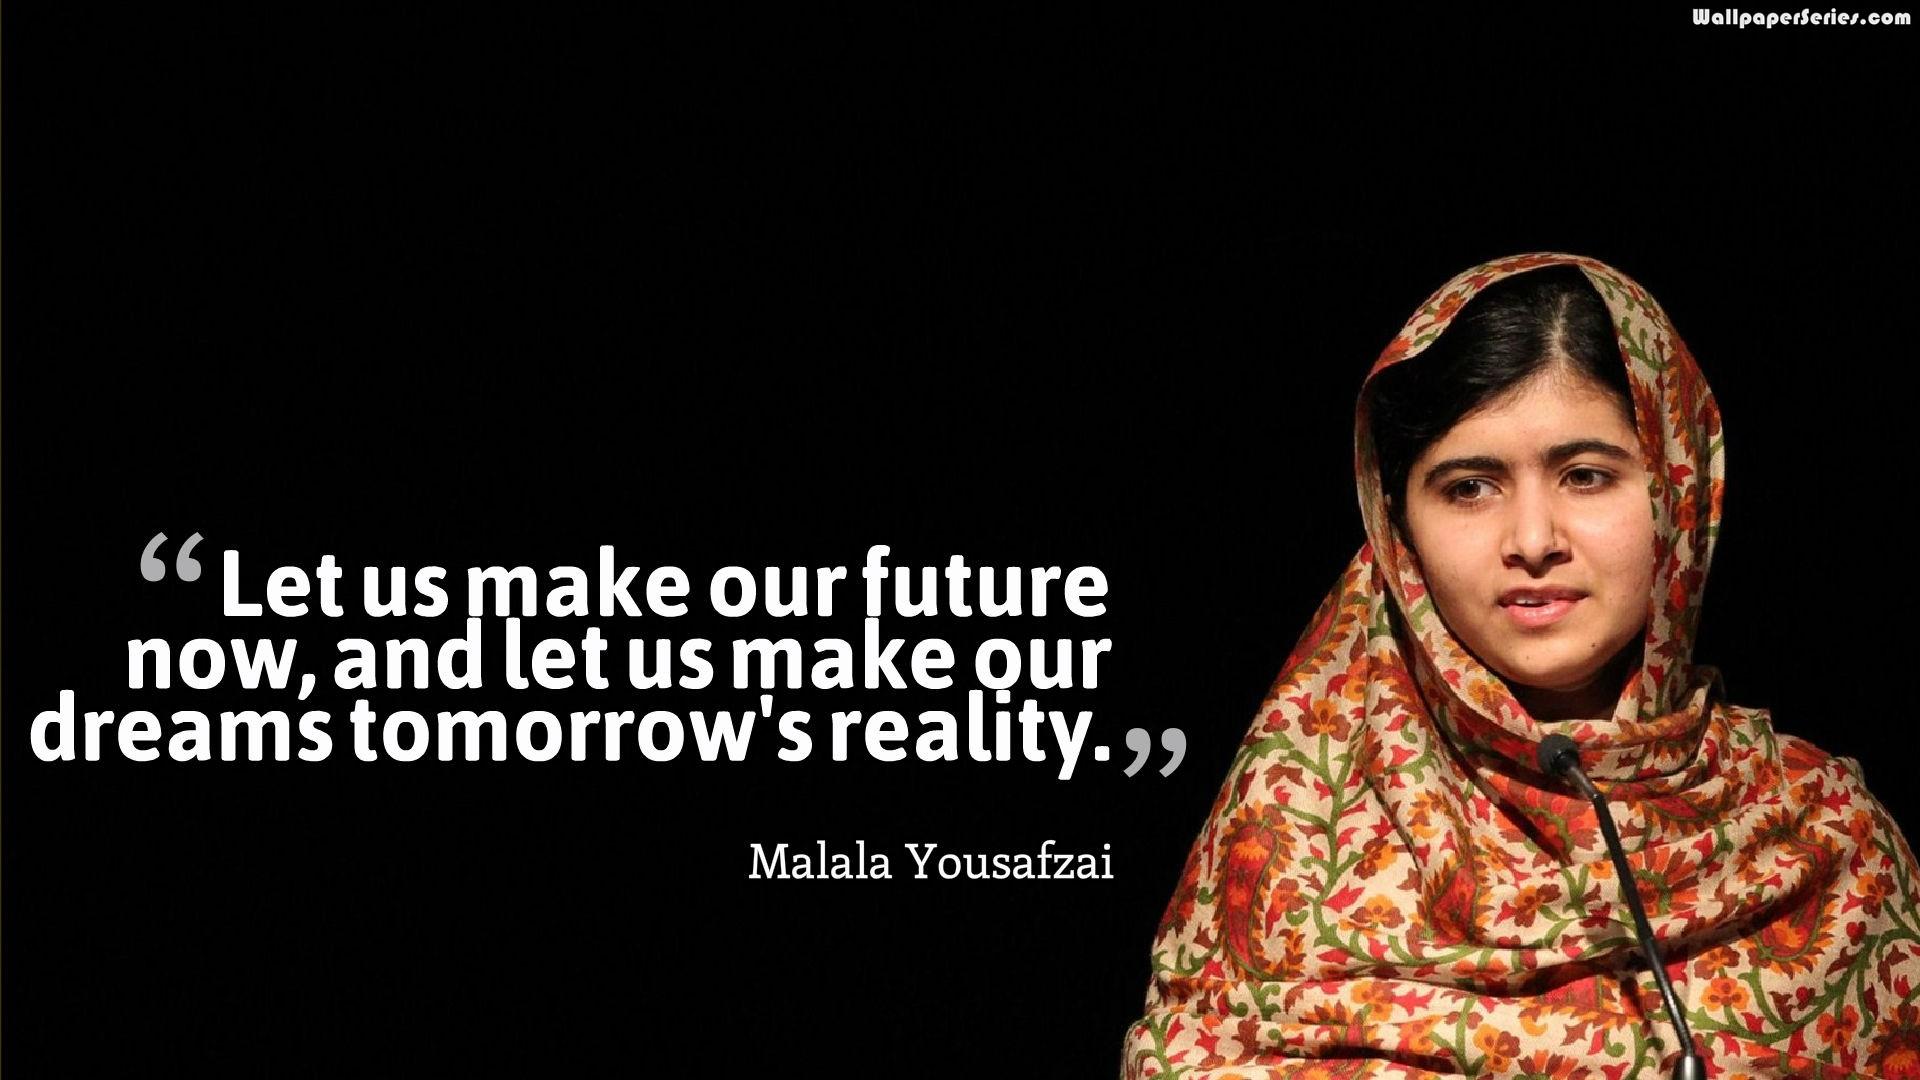 Quots In Urdu Wallpaper Malala Yousafzai Wallpaper 1920x1080 63702